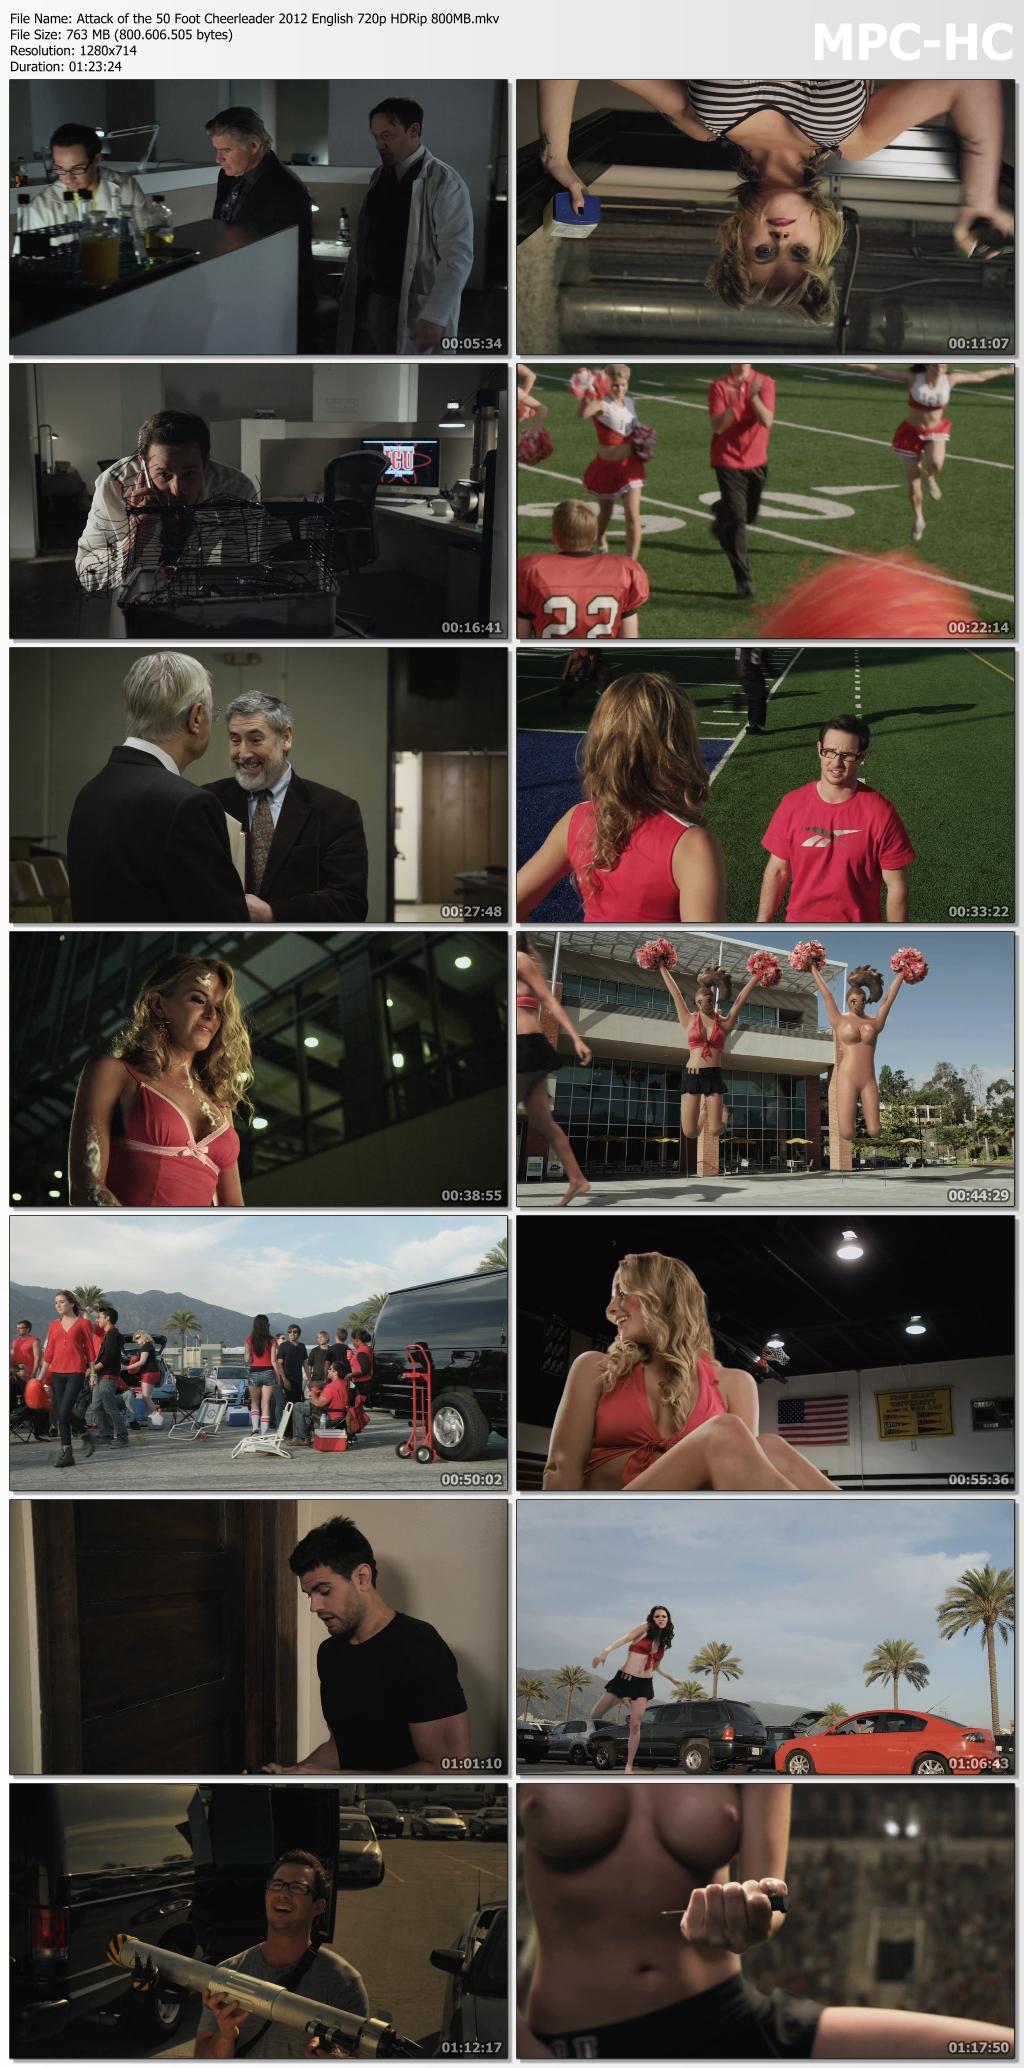 Attack-of-the-50-Foot-Cheerleader-2012-English-720p-HDRip-800-MB-mkv-thumbs